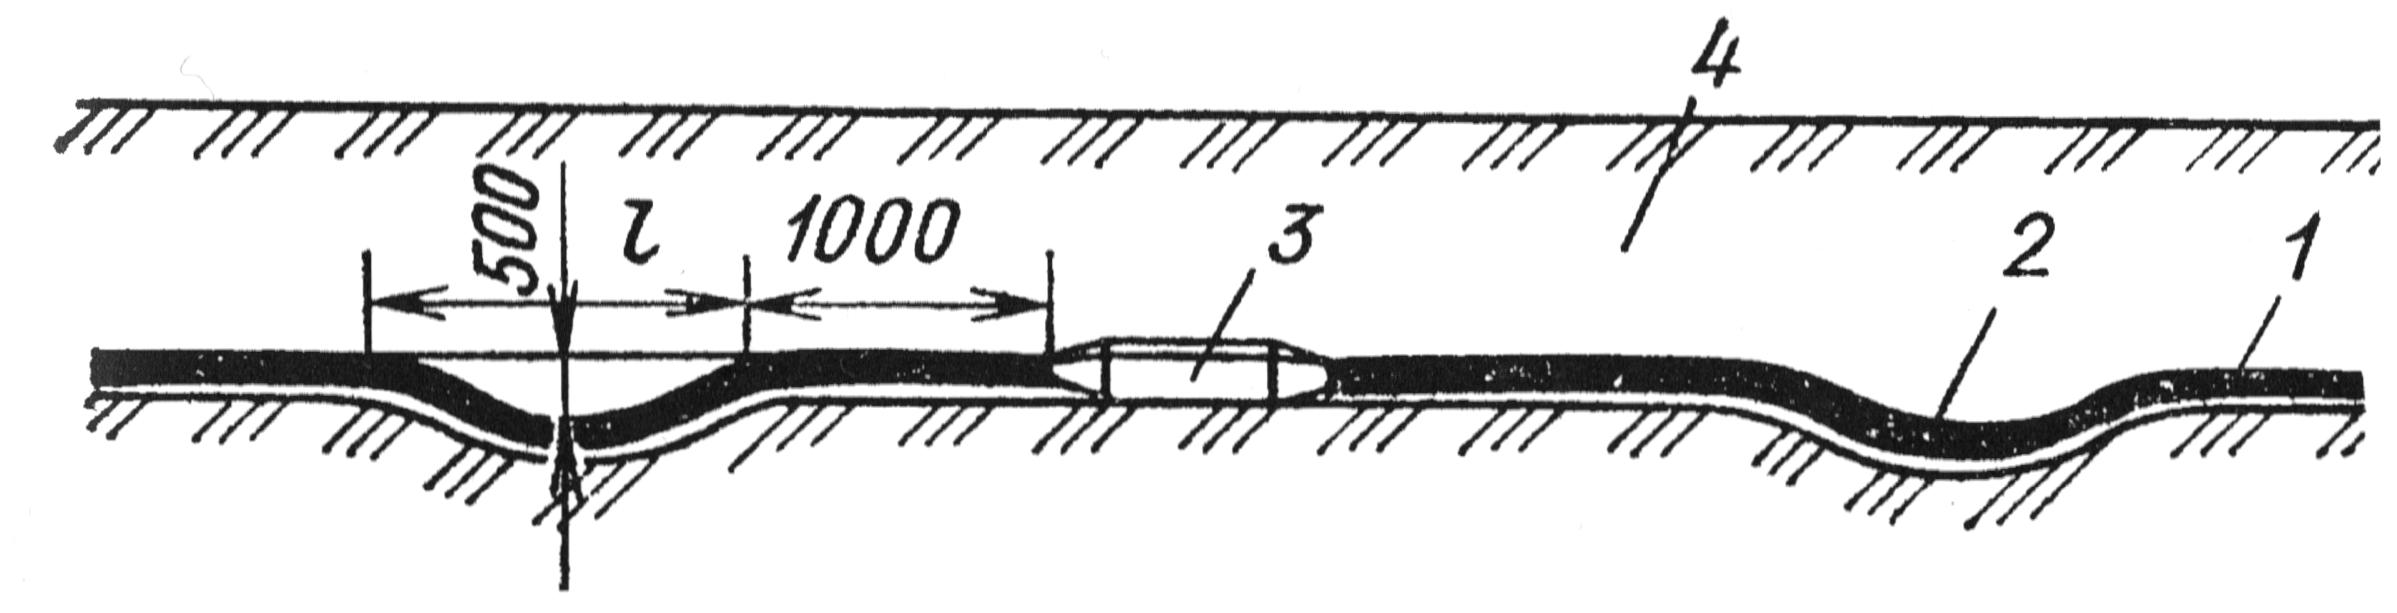 Вертикальное расположение компенсаторов в месте монтажа соединительной муфты